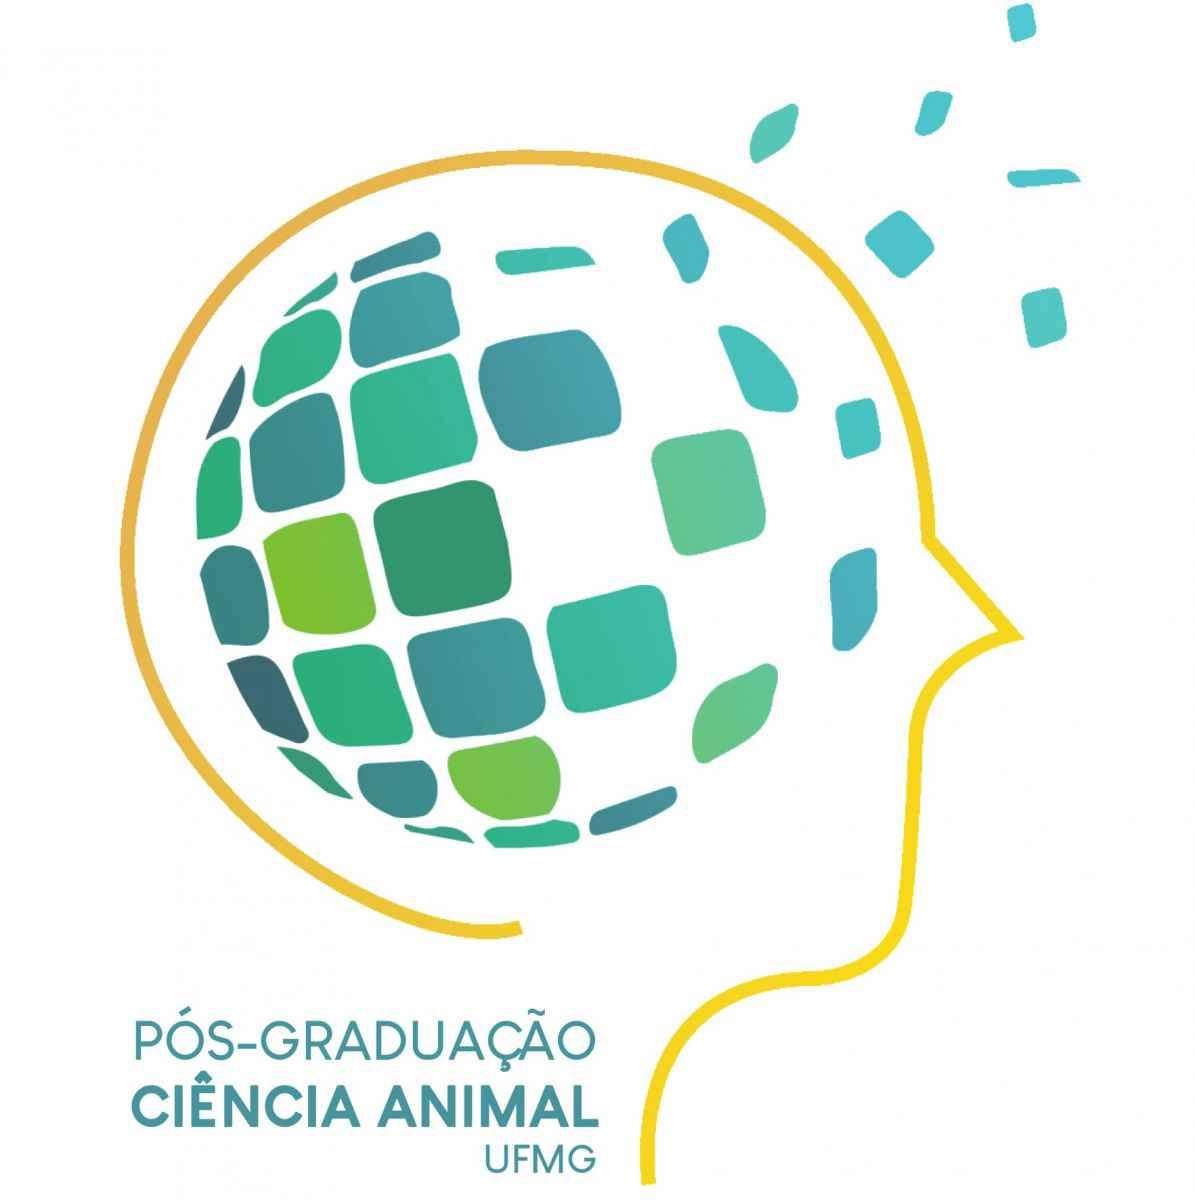 Identidade visual da Pós-graduação em Ciência Animal